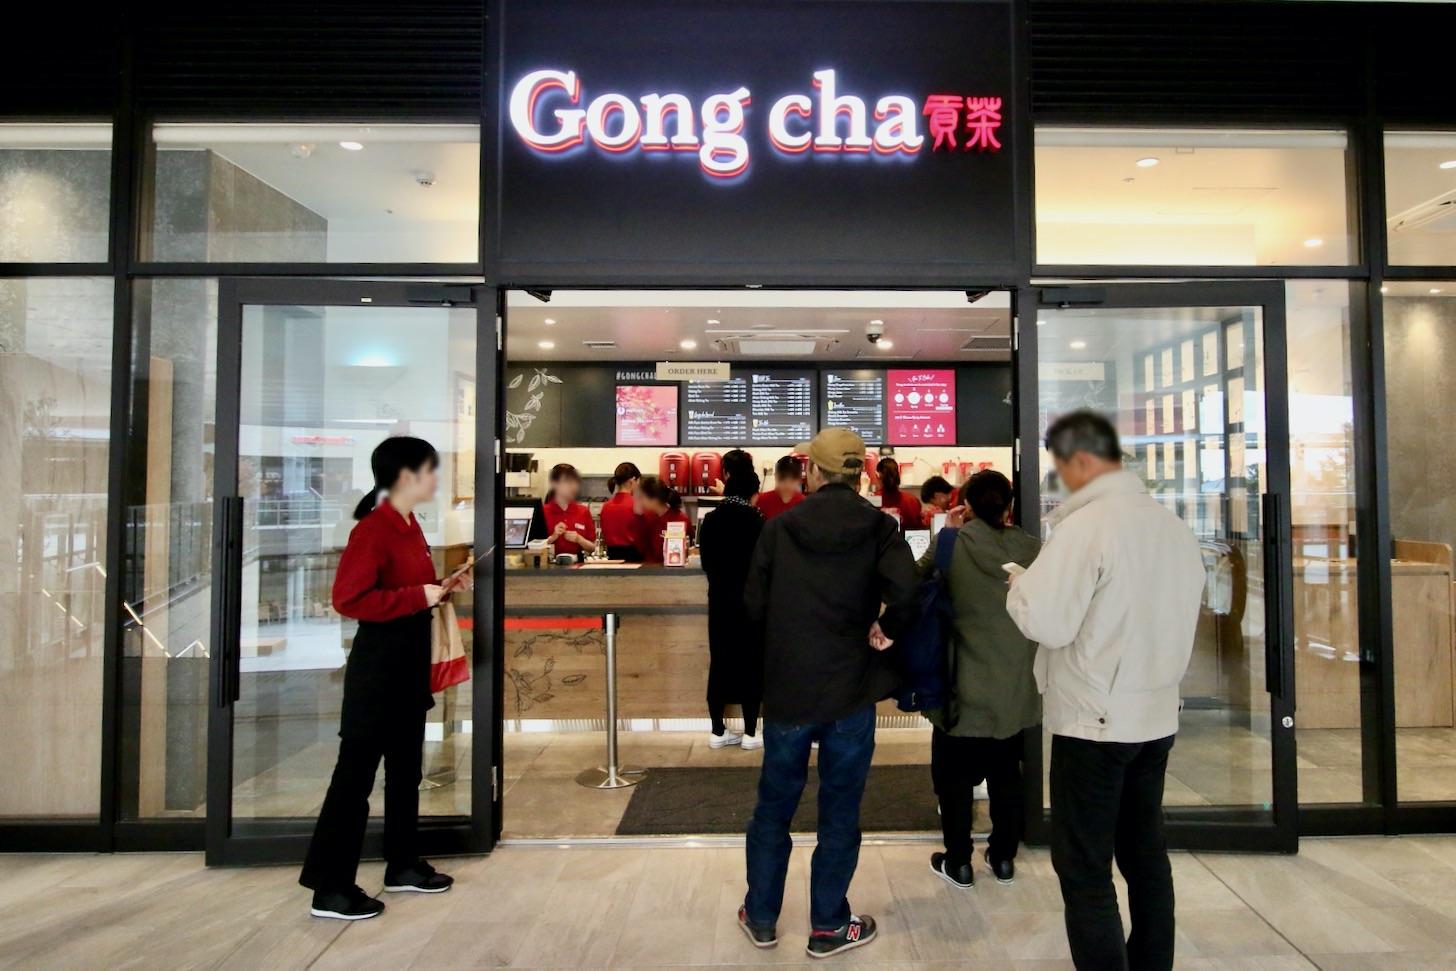 ゴンチャ(Gong cha)南町⽥グランベリーパーク店